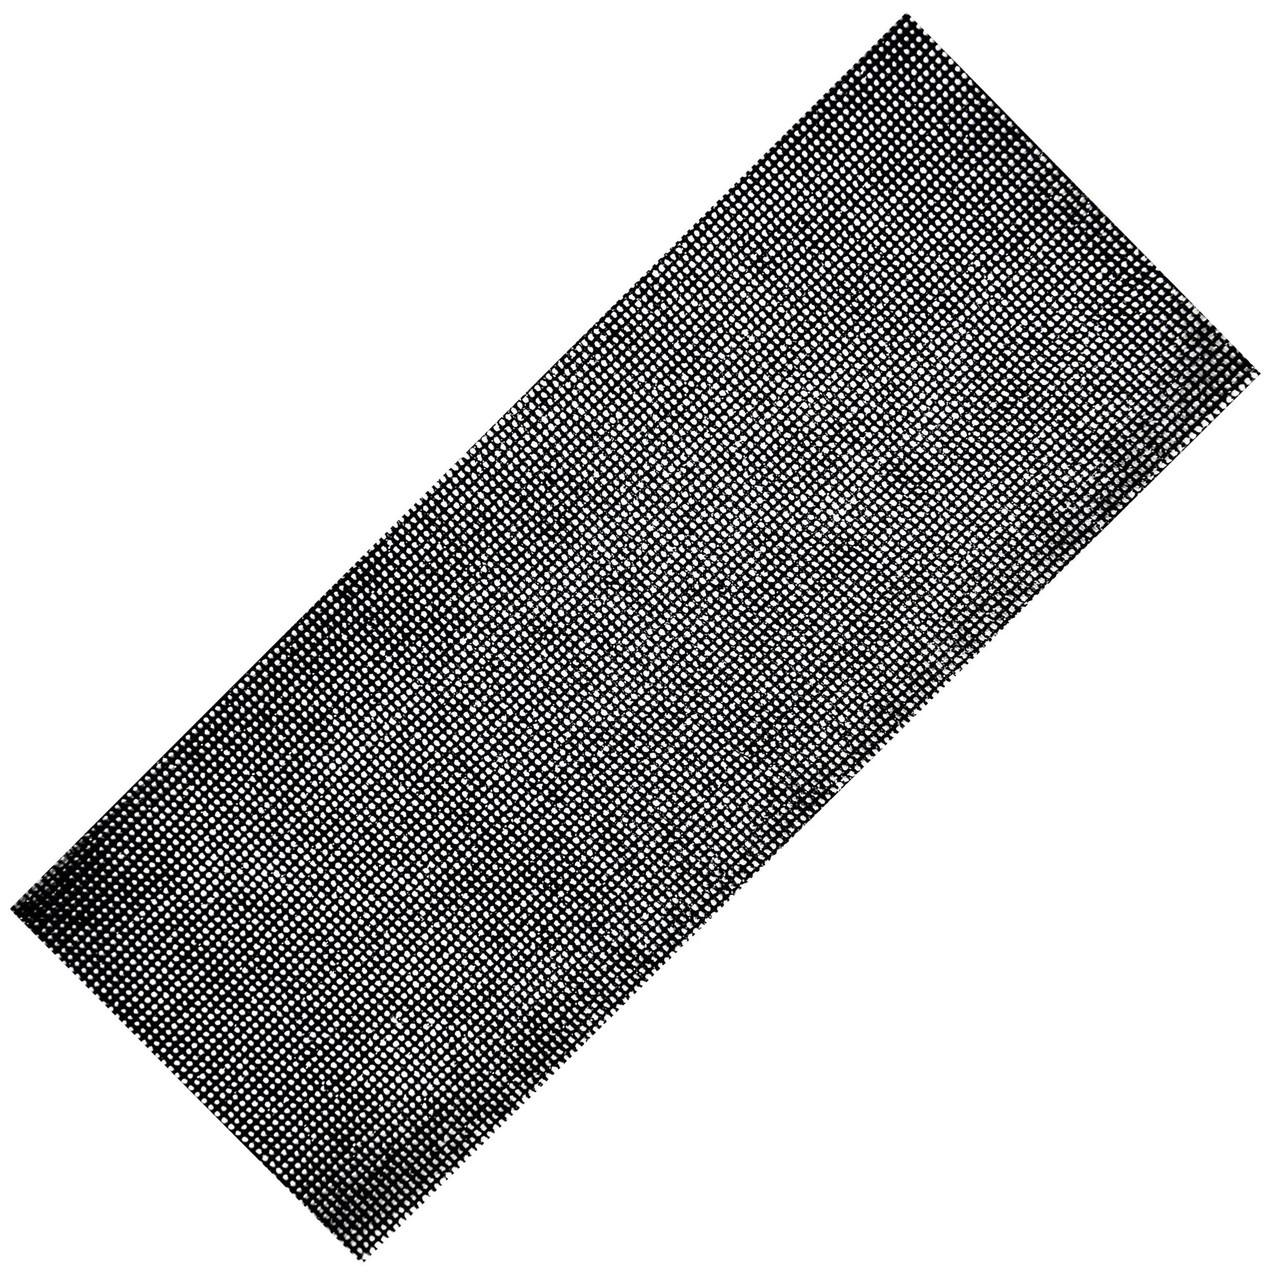 Сетка шлифовальная Spitce 105 х 280 мм Р240 5 листов (18-719)